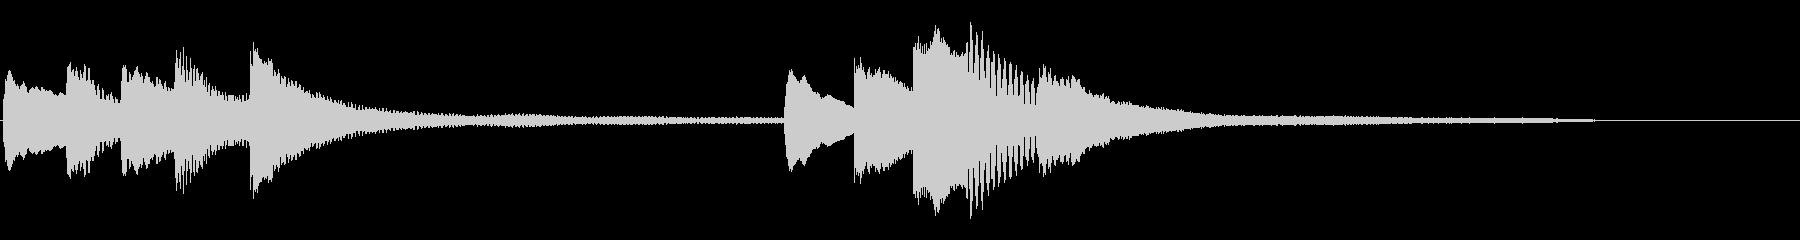 和音が響くシックなピアノソロ12秒の未再生の波形